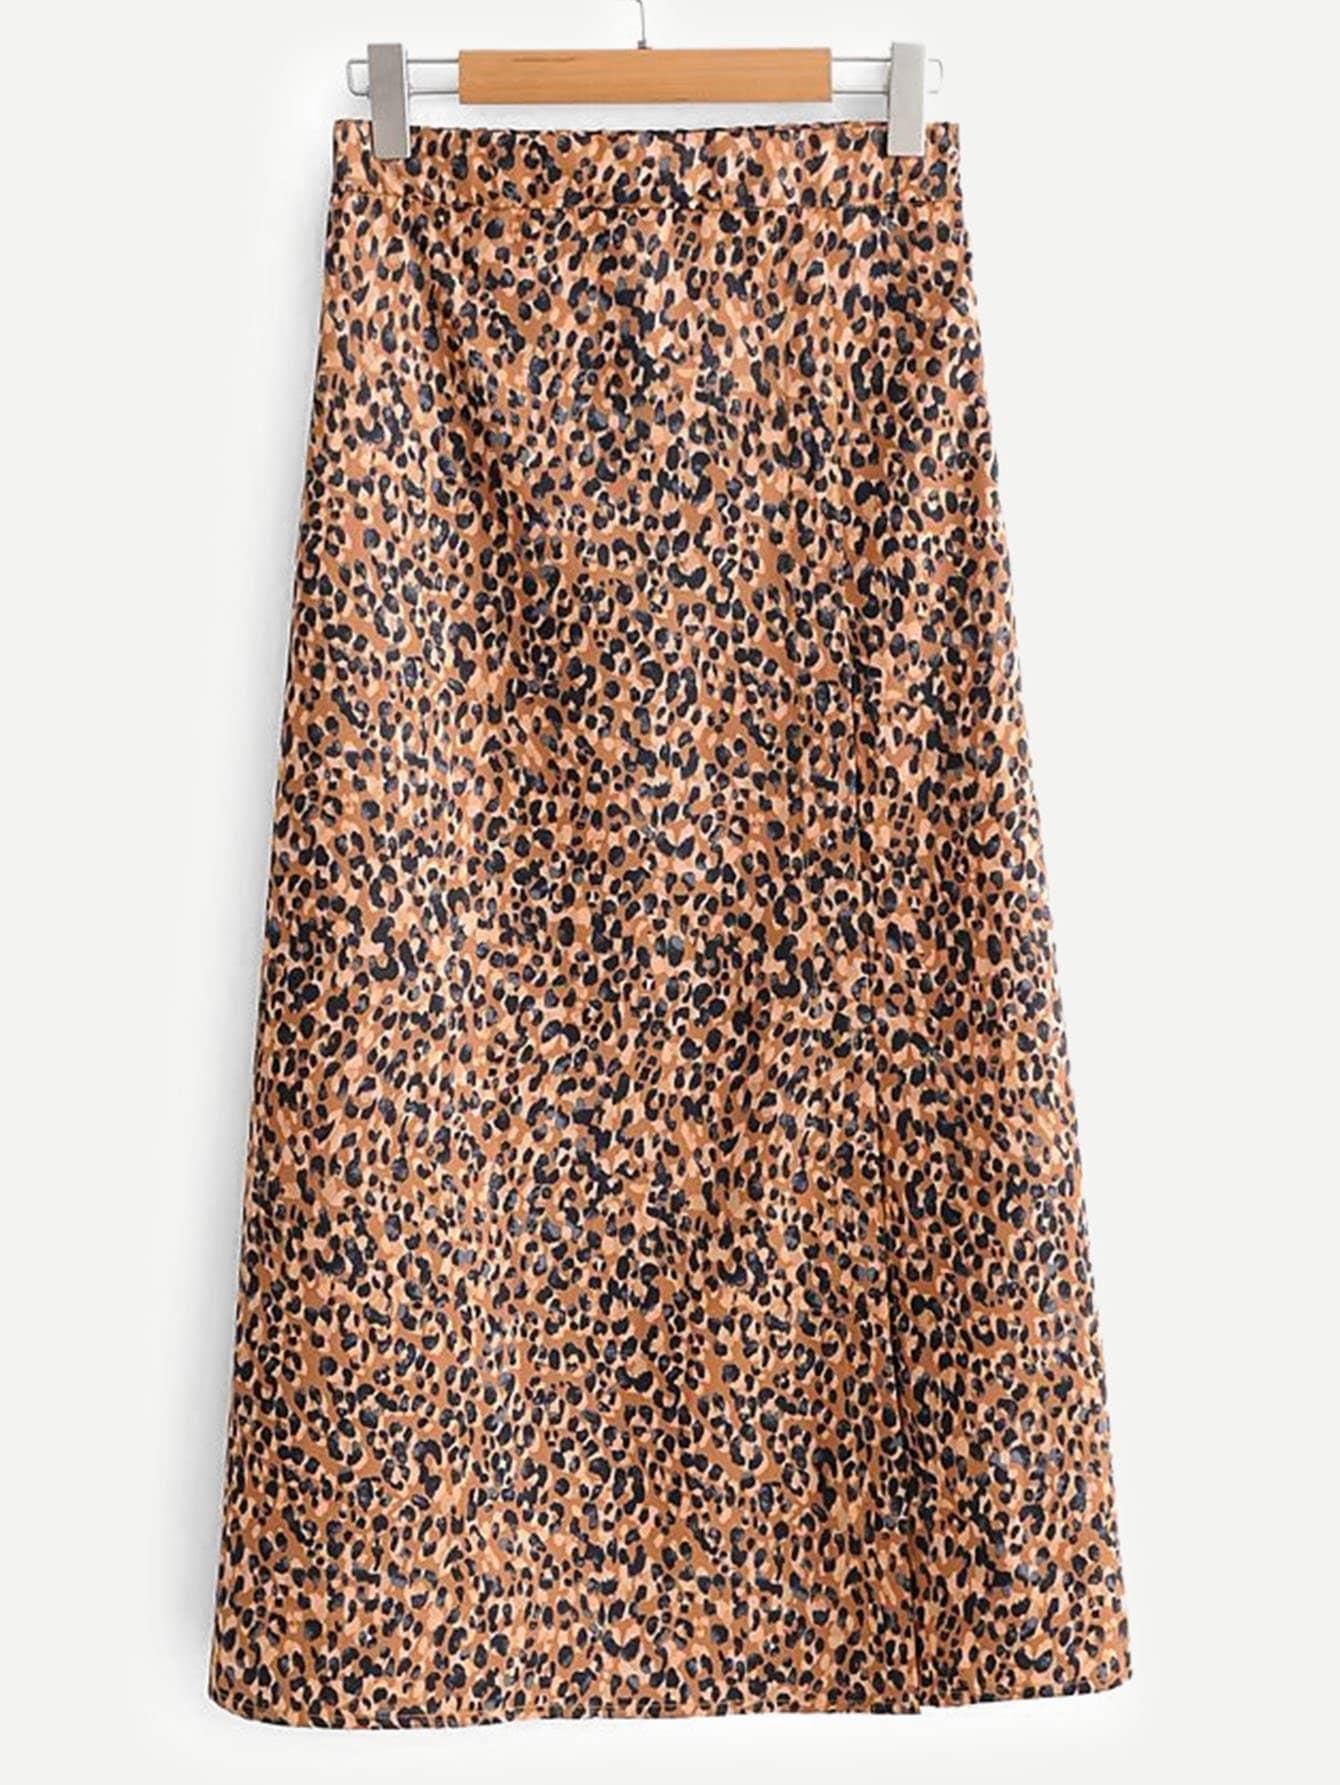 Купить Леопардовая юбка, null, SheIn